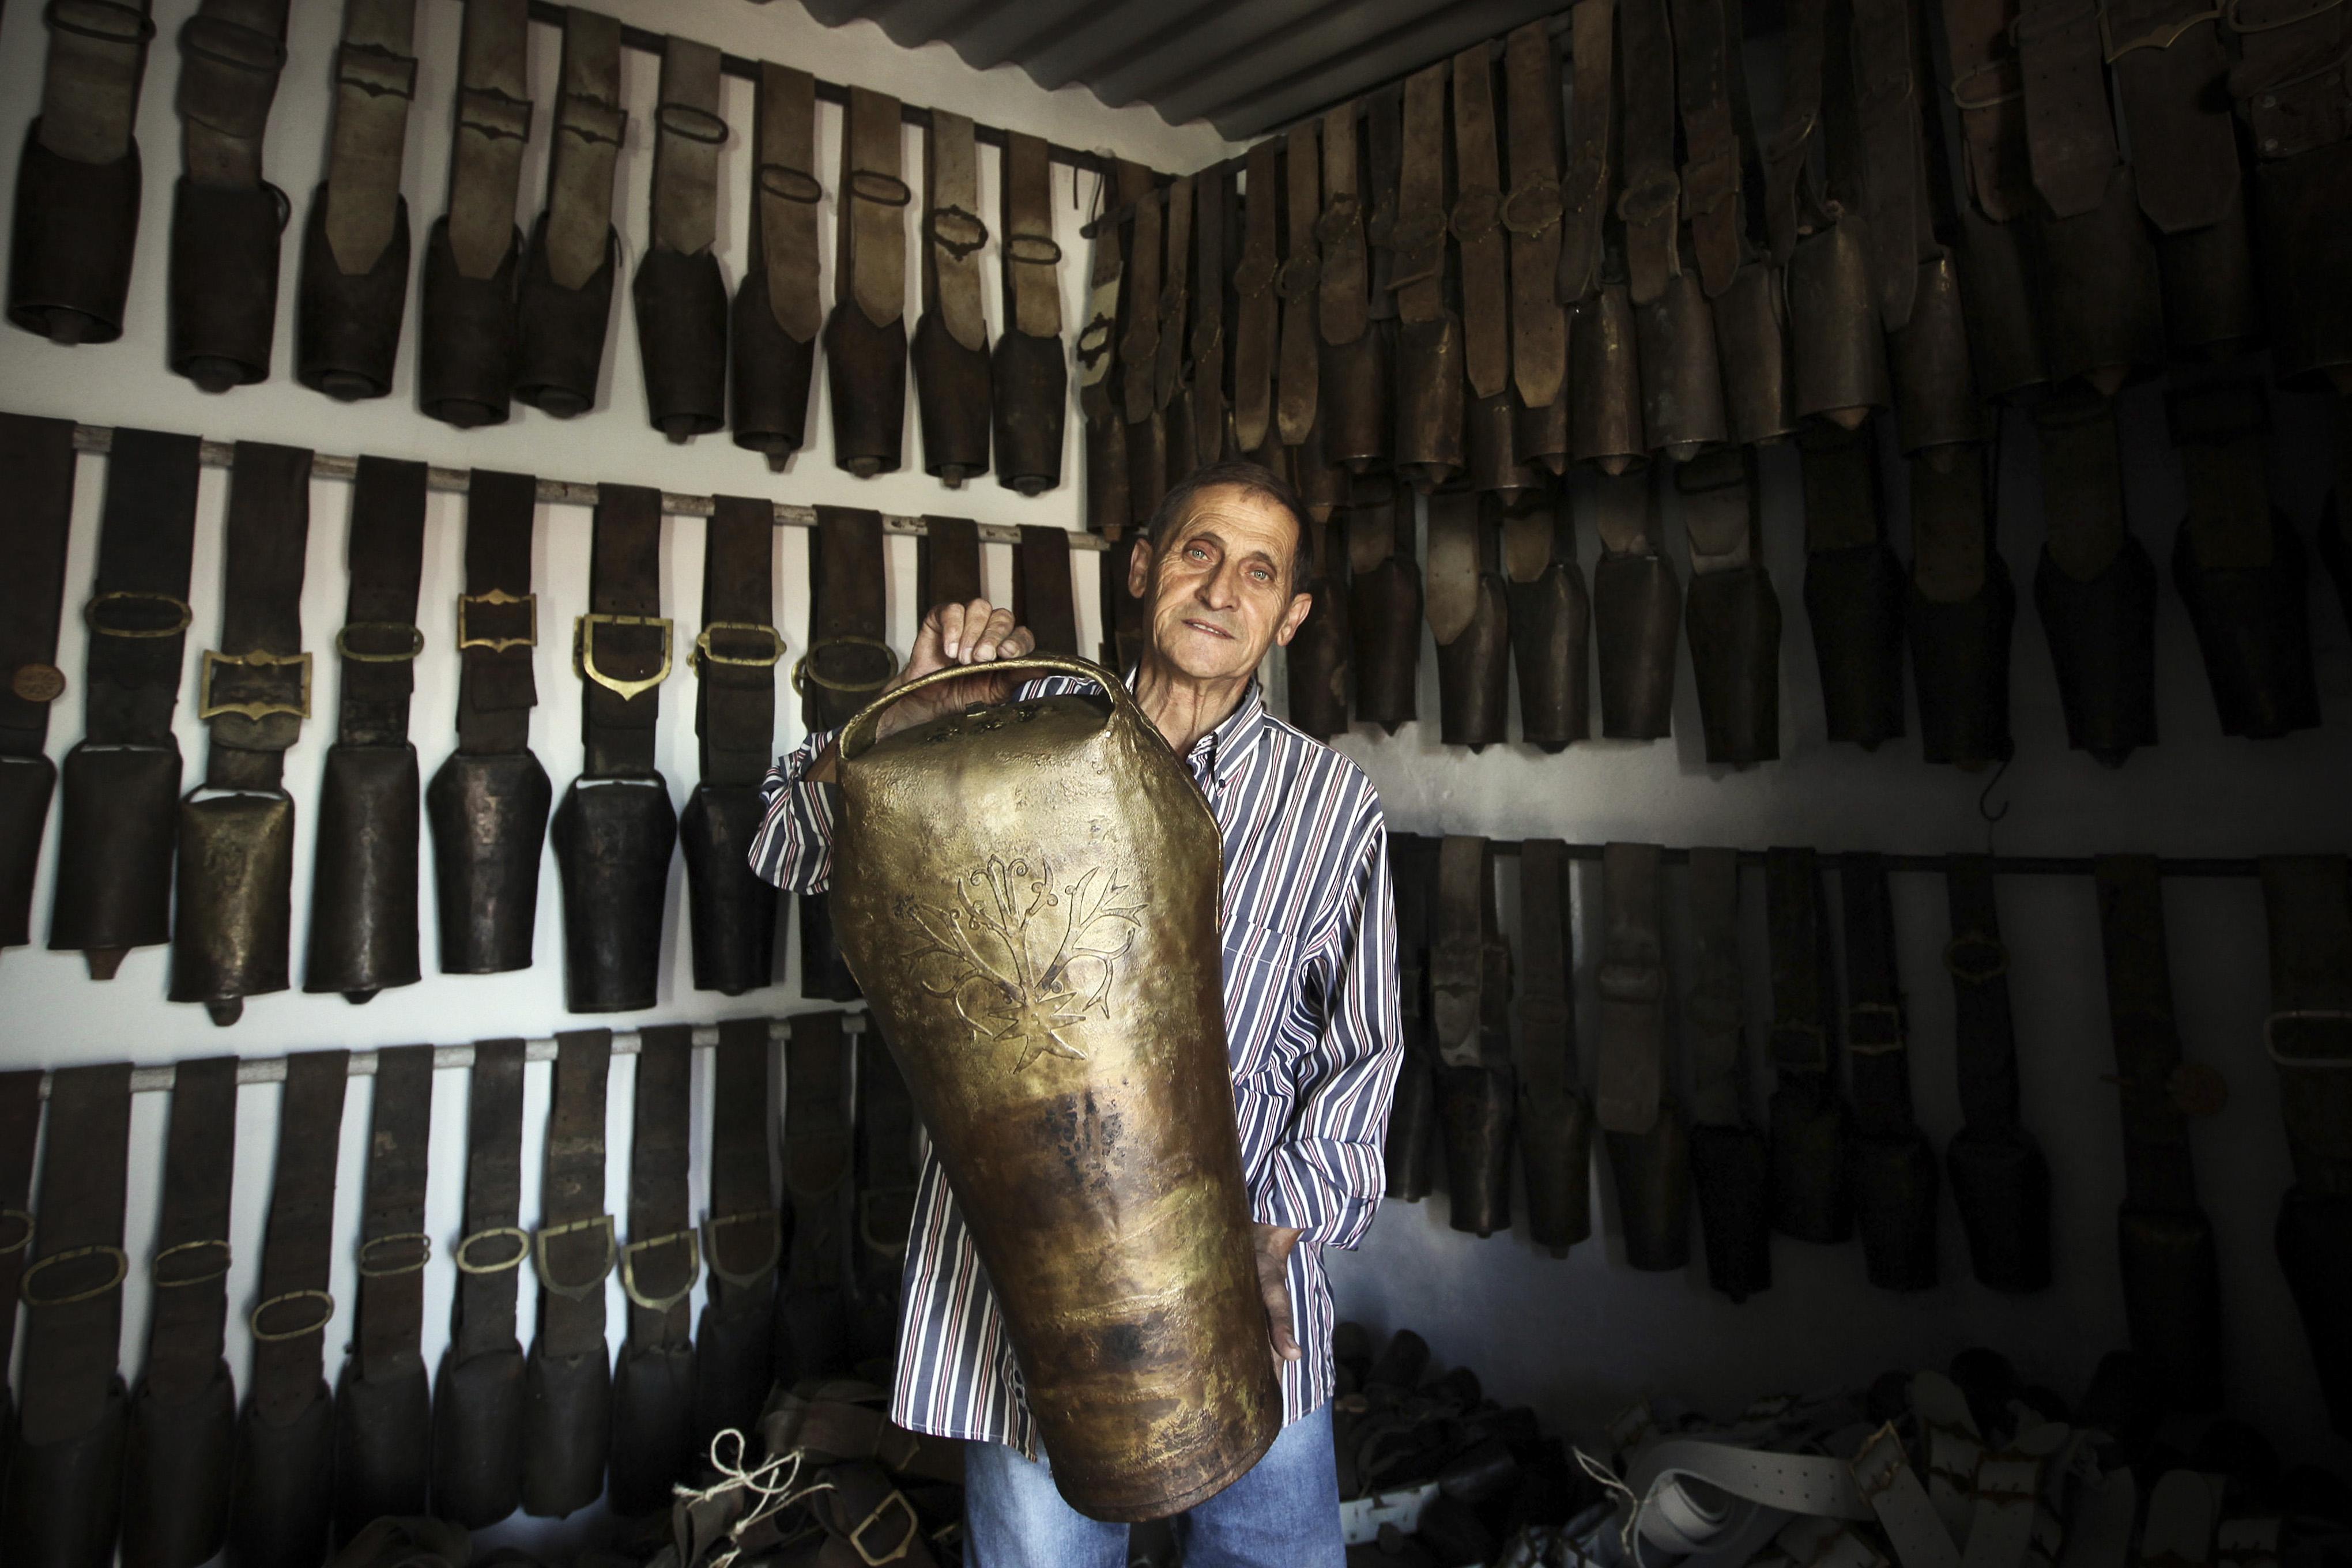 Os chocalhos são candidatos a património imaterial da humanidade da UNESCO